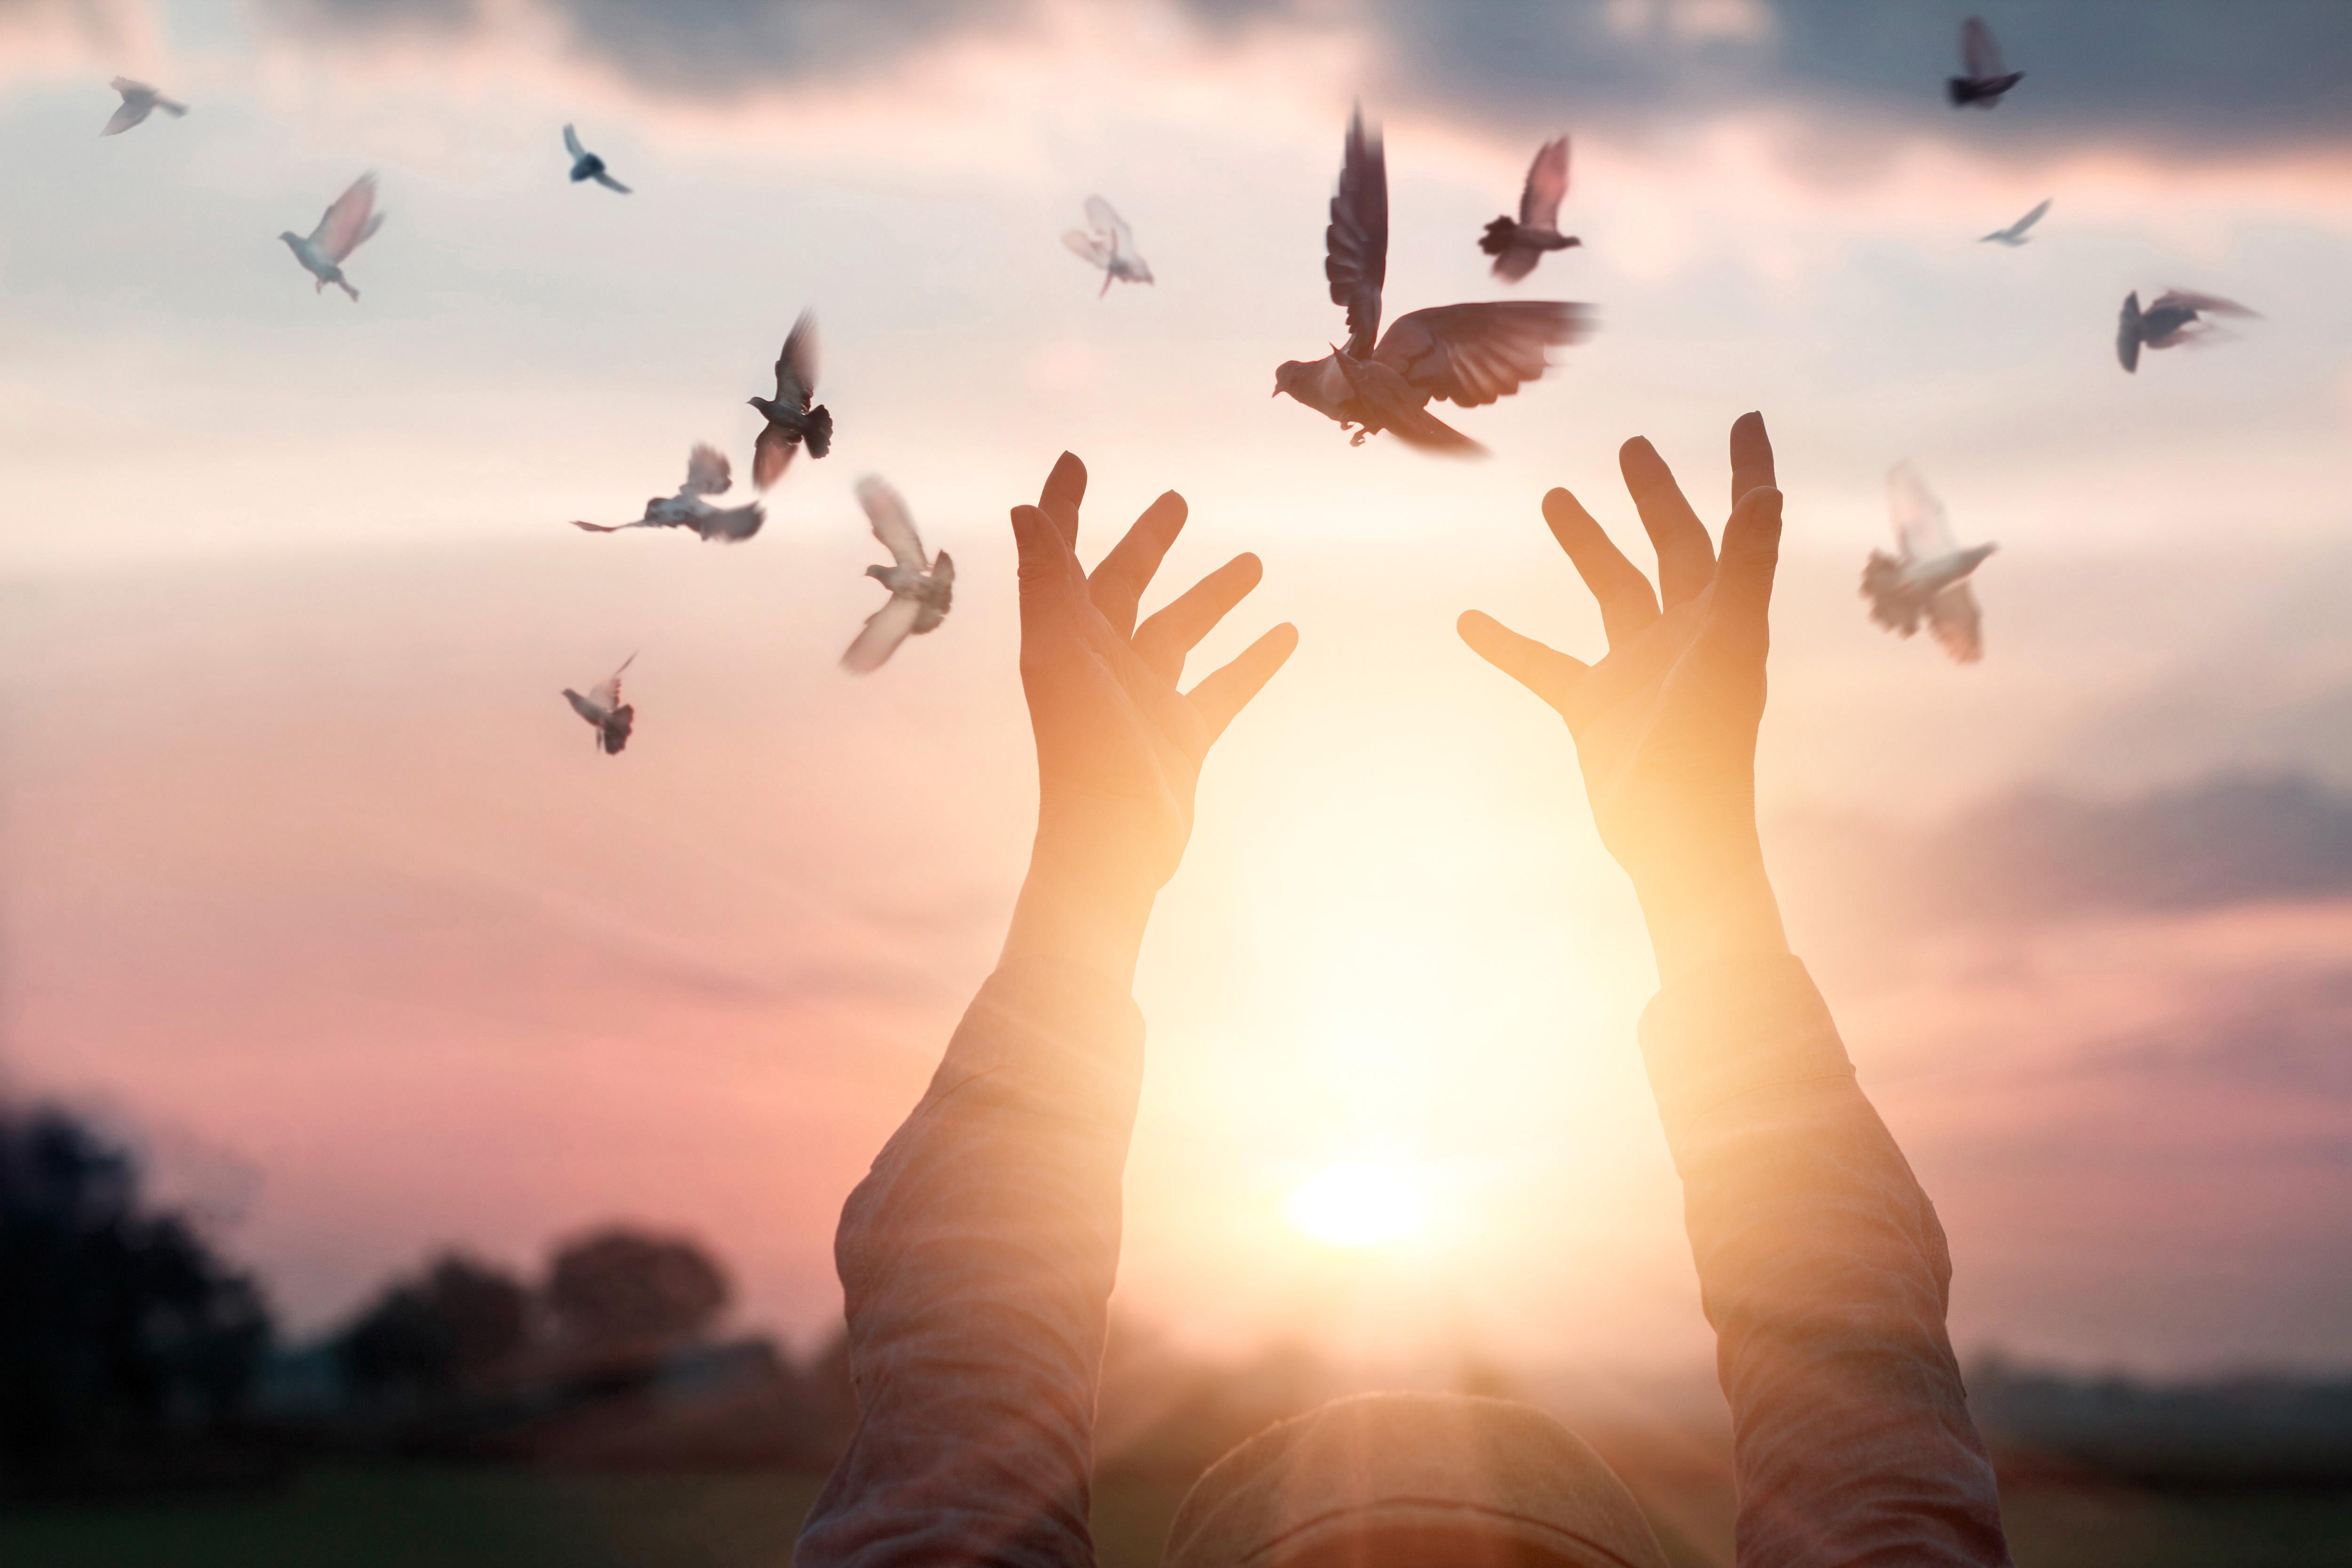 Na Zemlji nastaja nova resničnost: Glavna naloga ljudi je, da se duhovno prebudijo